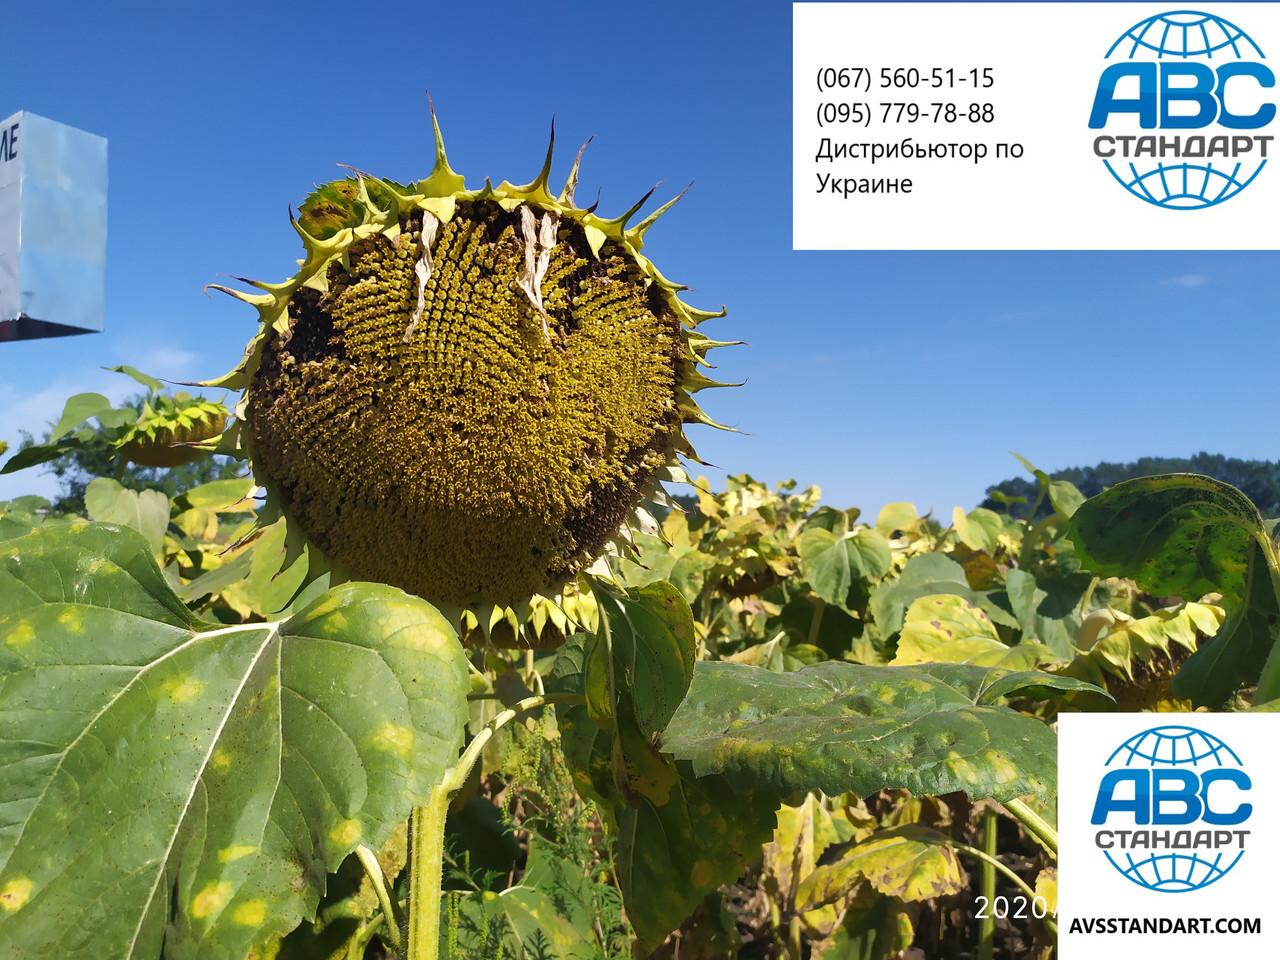 Подсолнечник ЛЕЙЛА, Высокоурожайный гибрид, 52-53% Олии, Семена устойчивые к шести расам заразихи А-F.